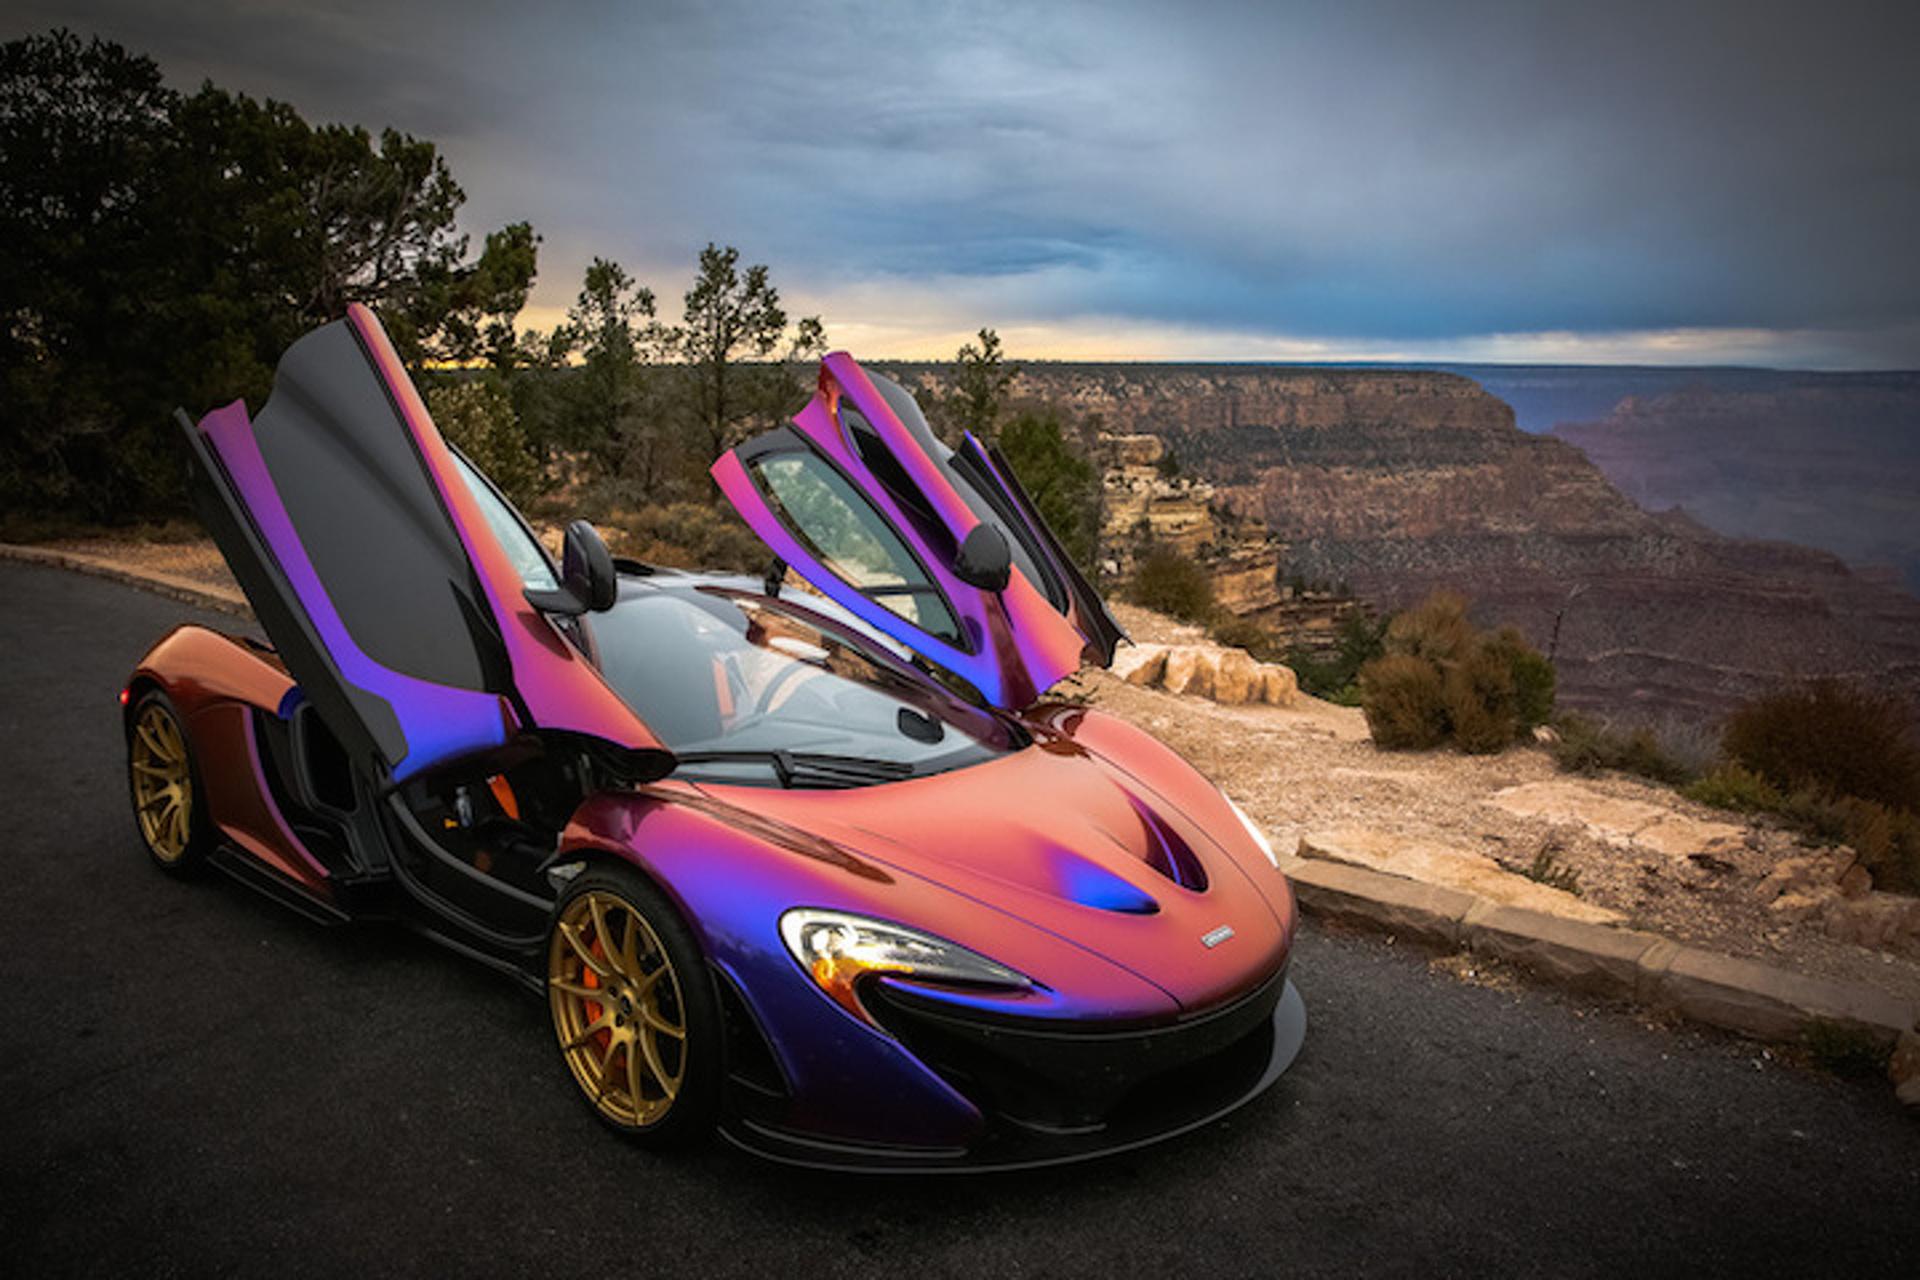 CJ Wilson's McLaren P1 is Mesmerizing